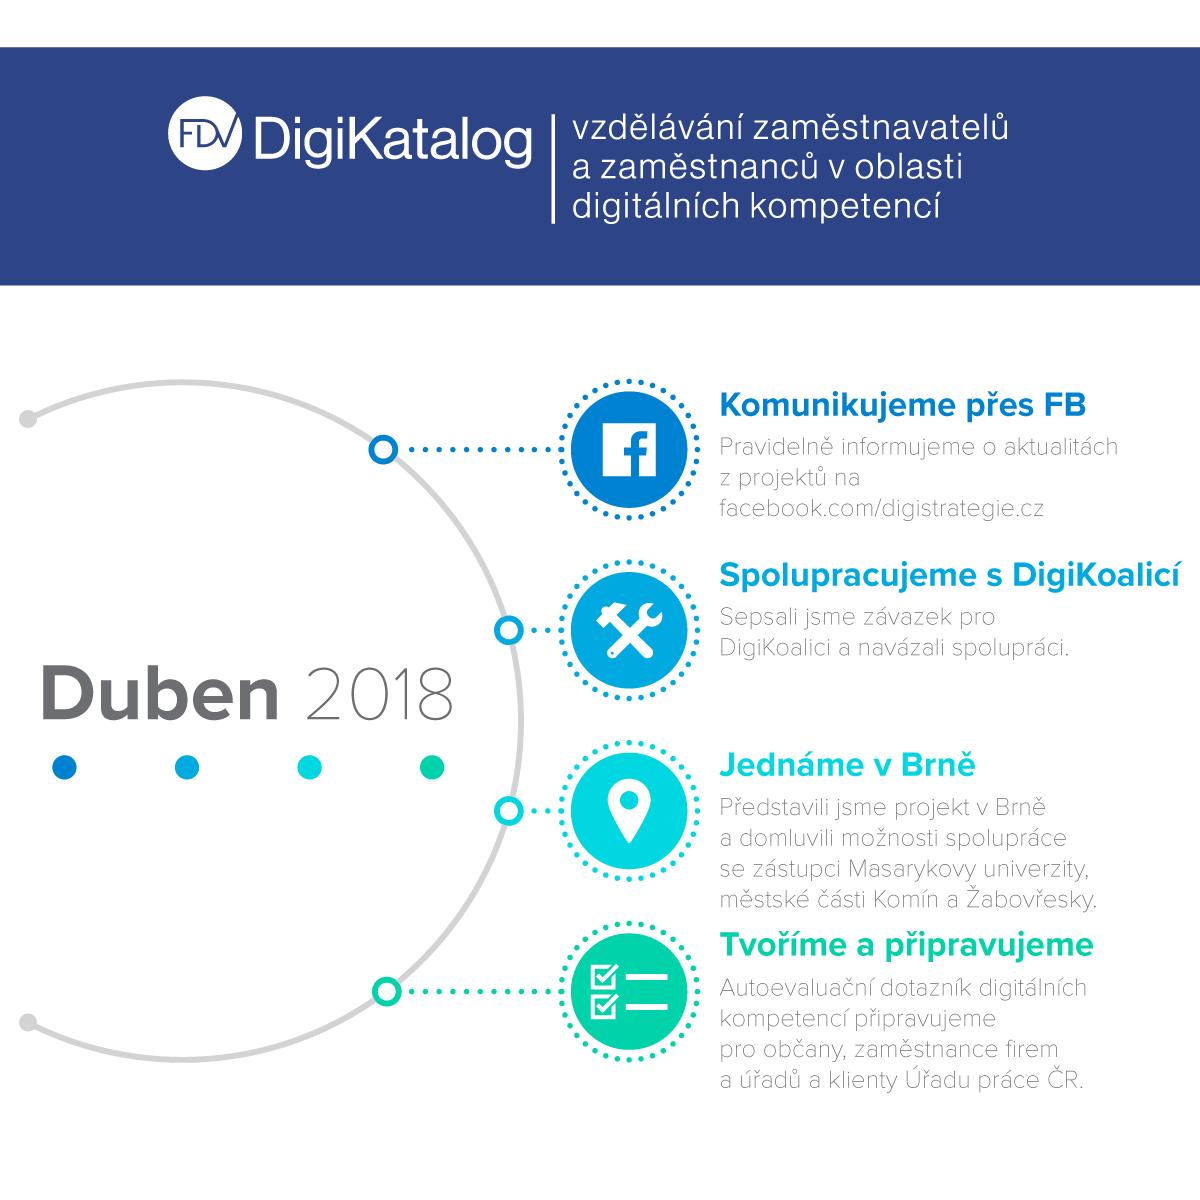 Infografika DigiKatalog duben